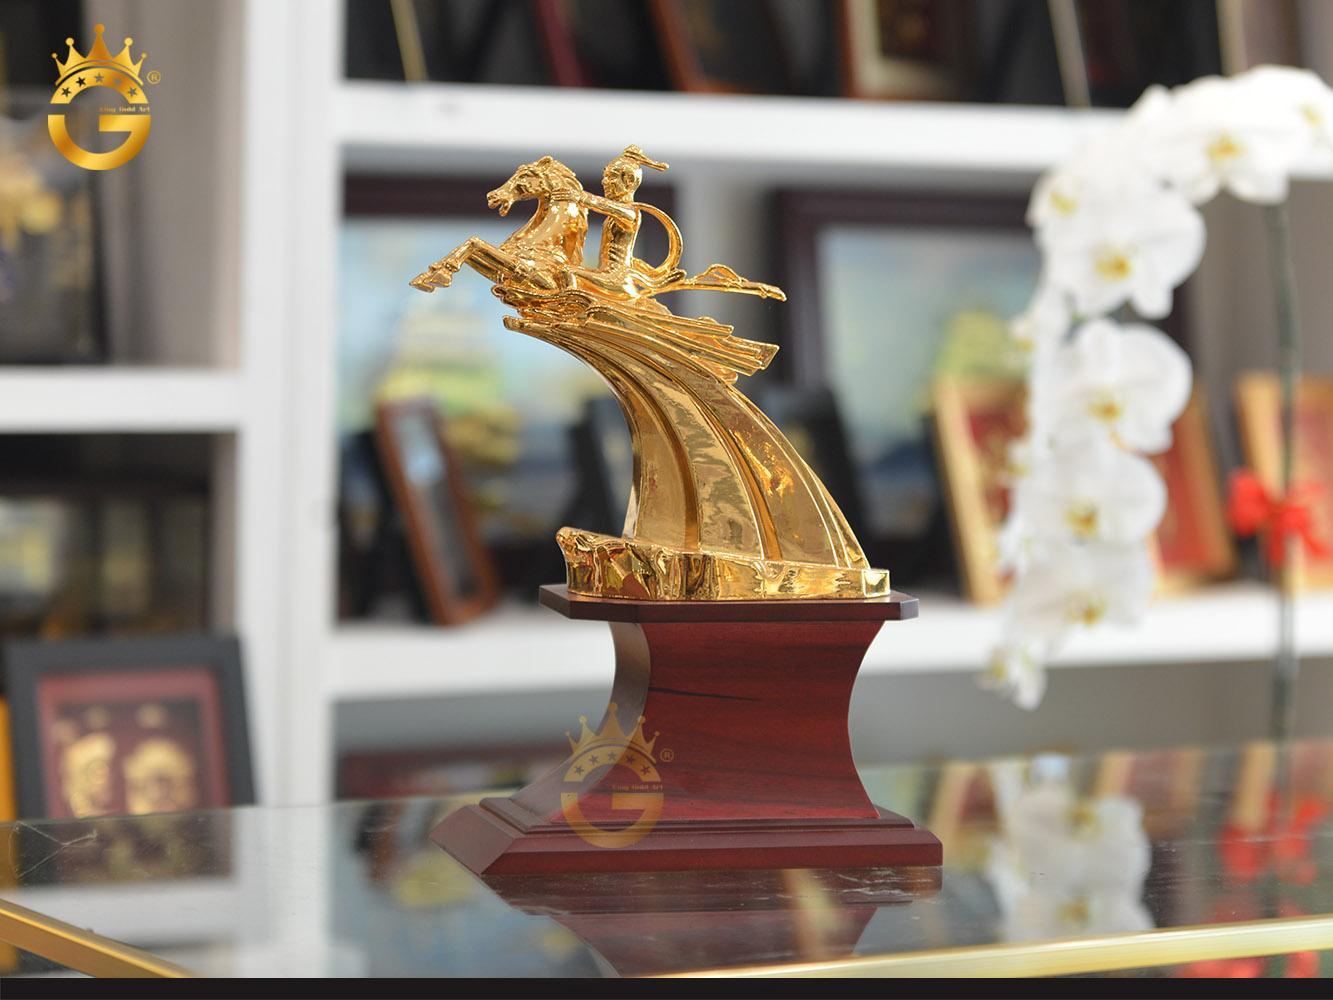 Tượng Thánh Gióng mạ vàng 24k, chi tiết tượng Thánh gióng bằng đồng đẹp